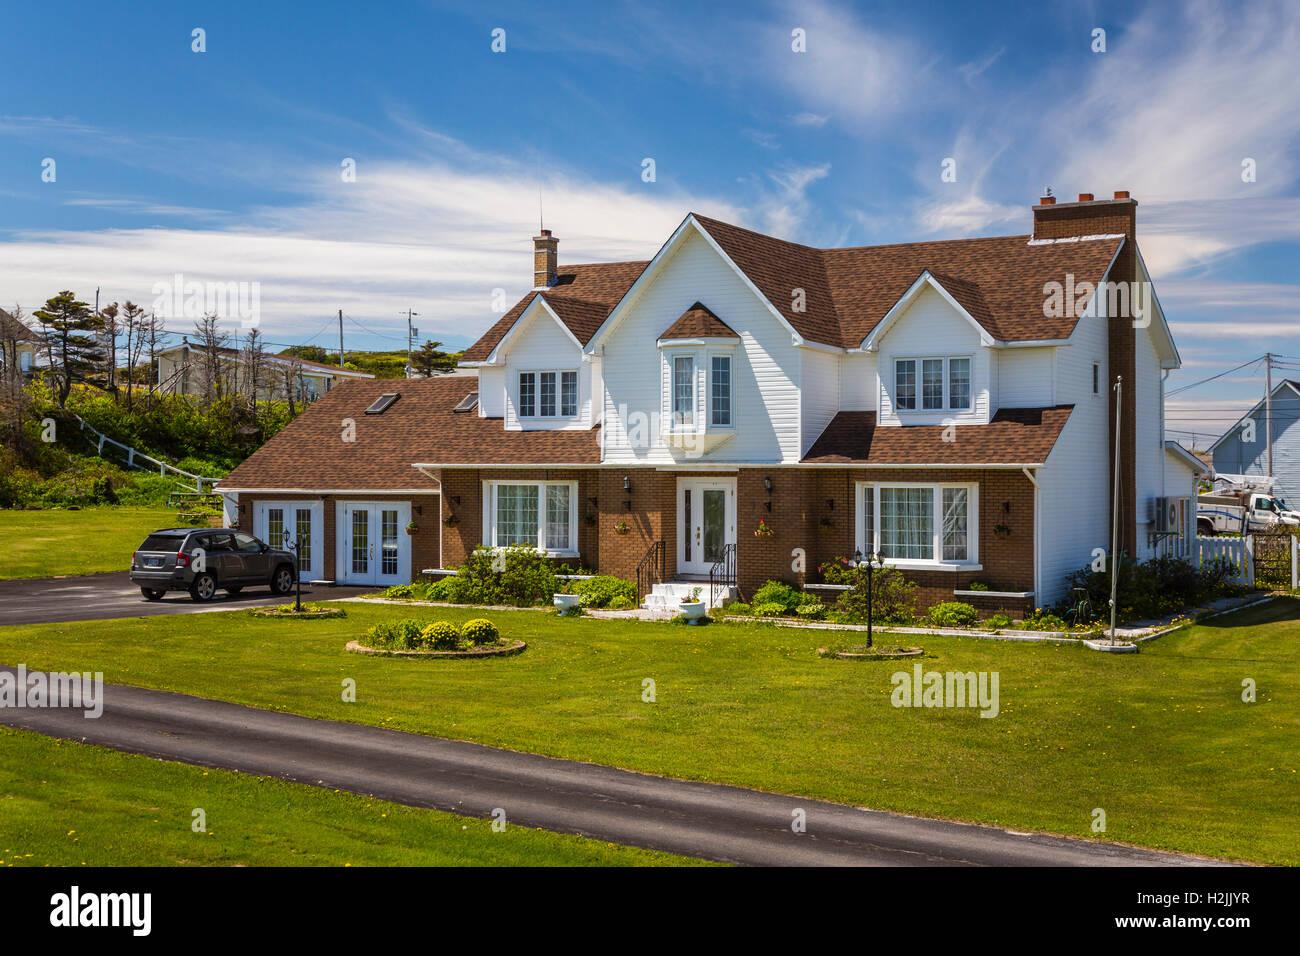 A modern home near Port au Choix, Newfoundland and Labrador, Canada. - Stock Image